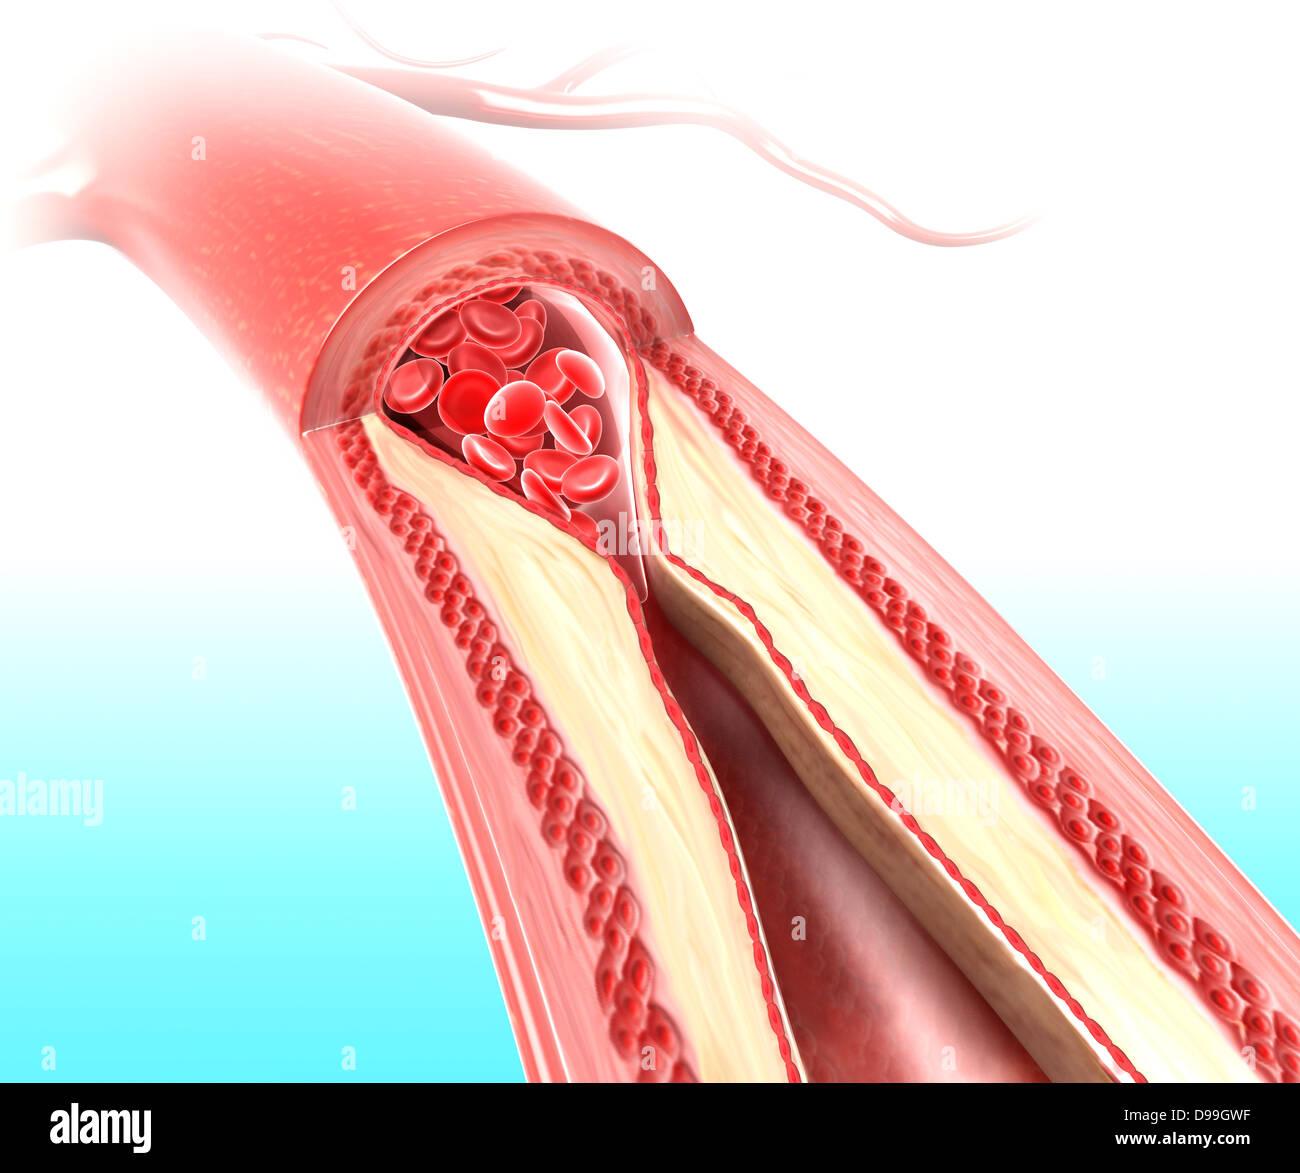 La aterosclerosis en la arteria debido a una placa de colesterol Foto de stock